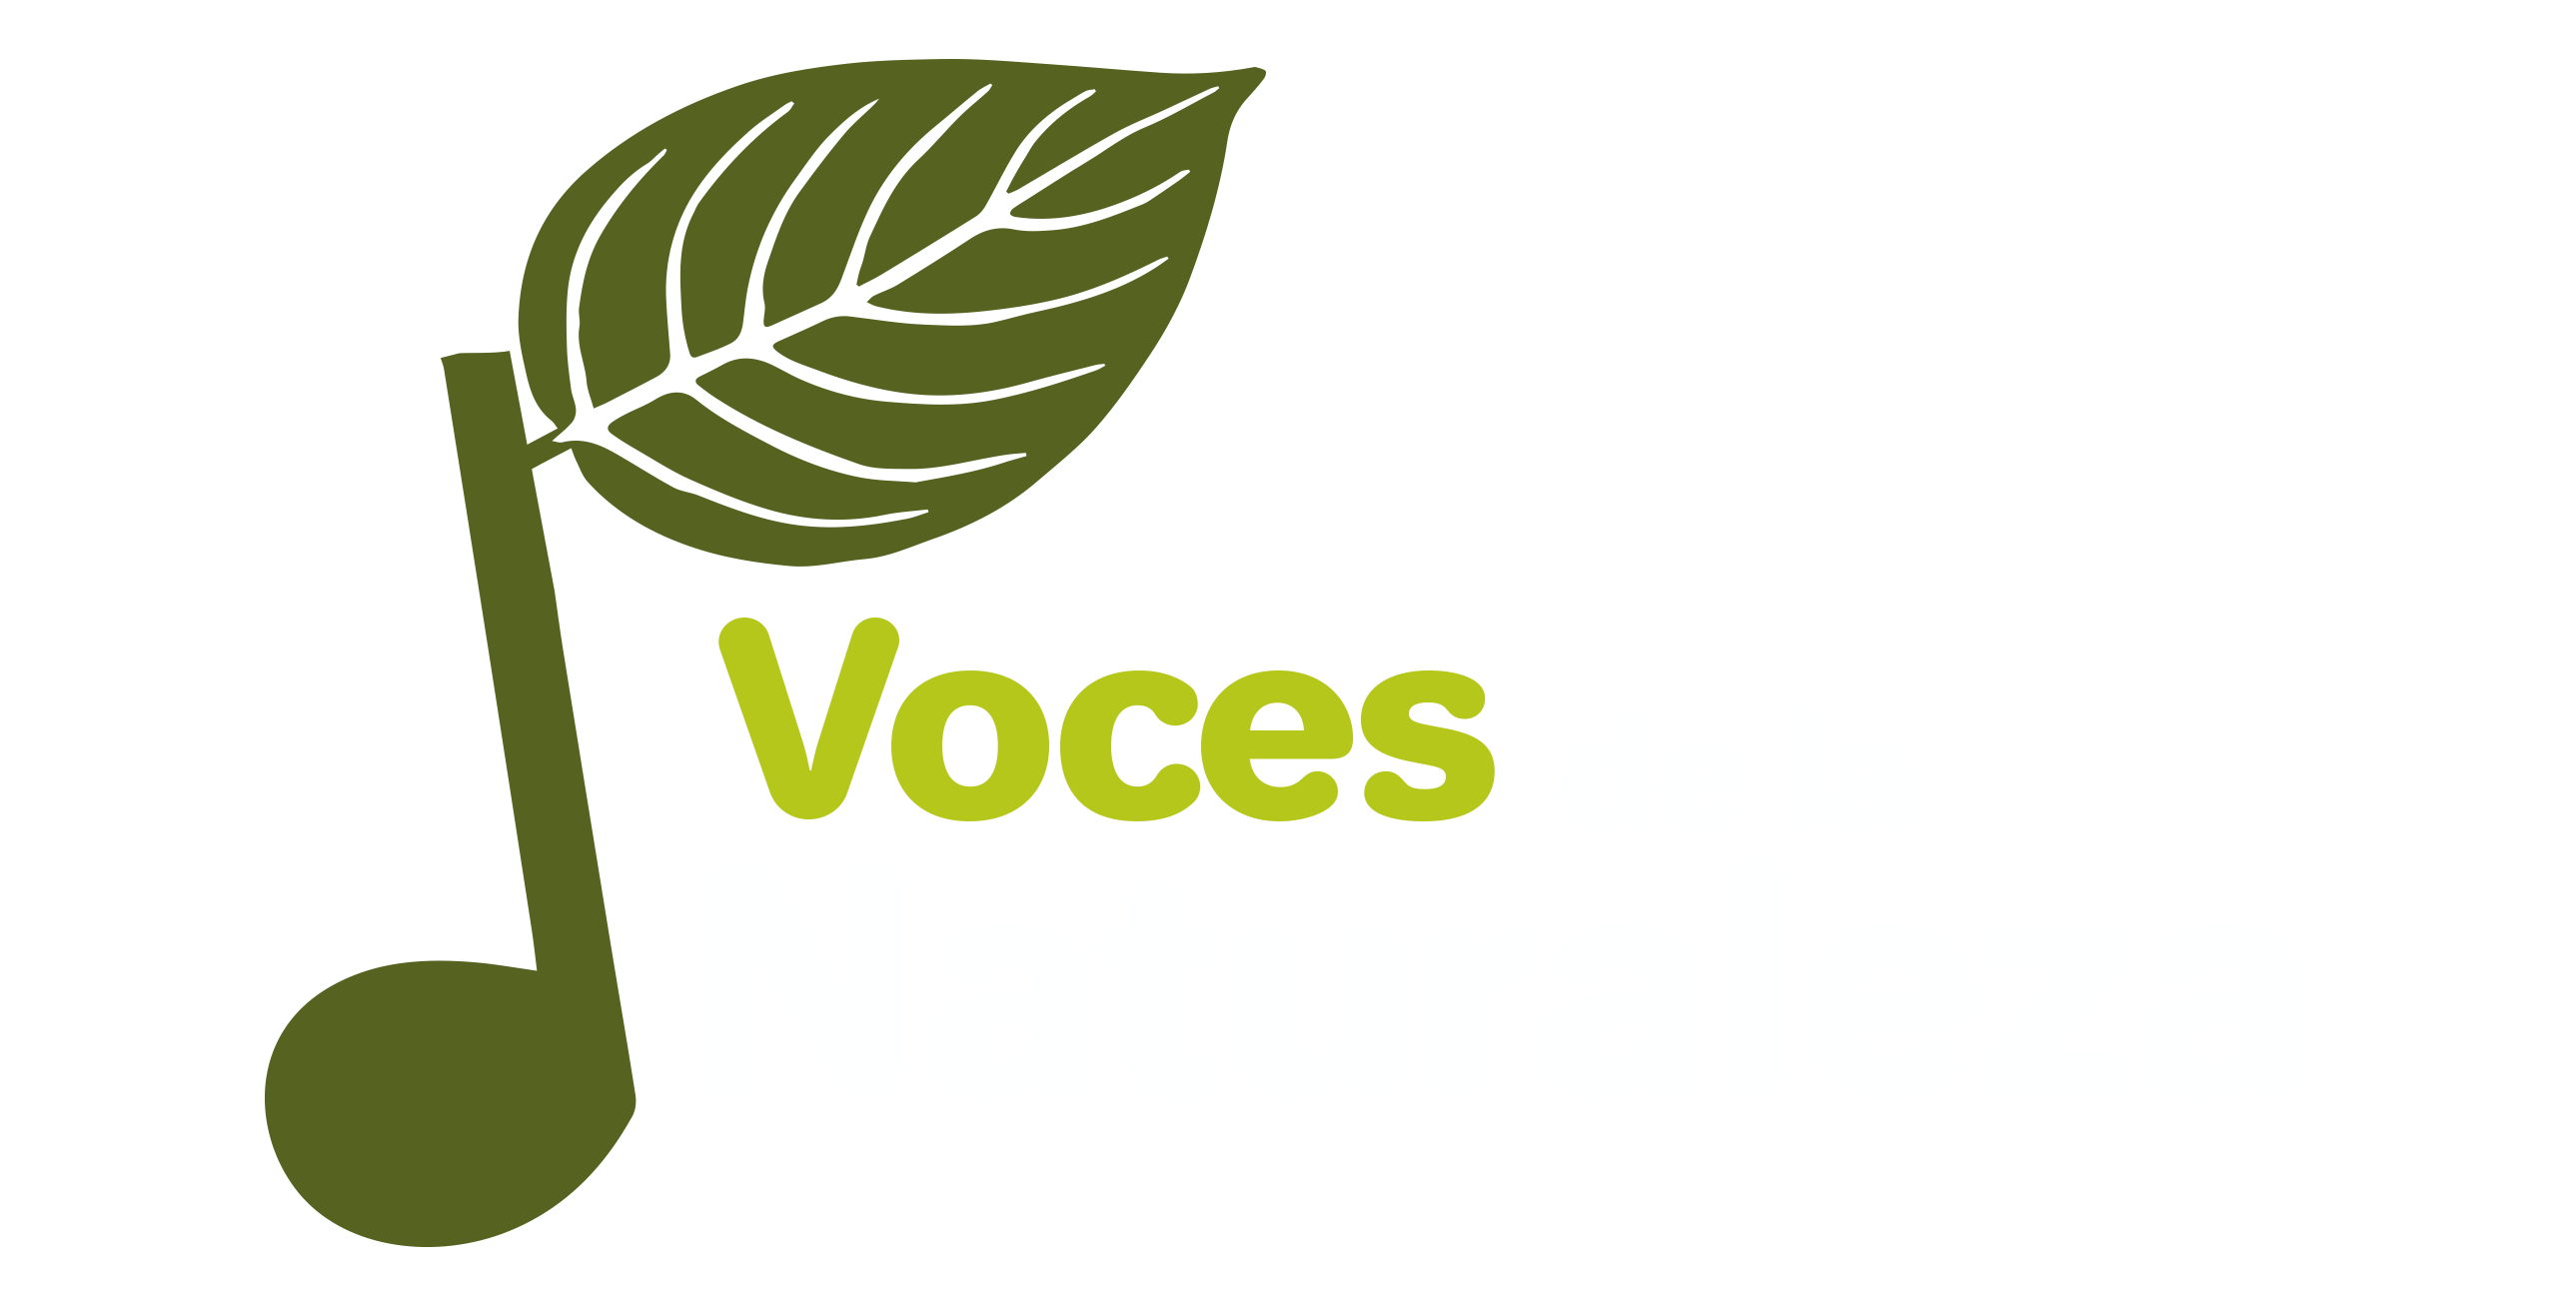 Logo V oces de la Naturaleza